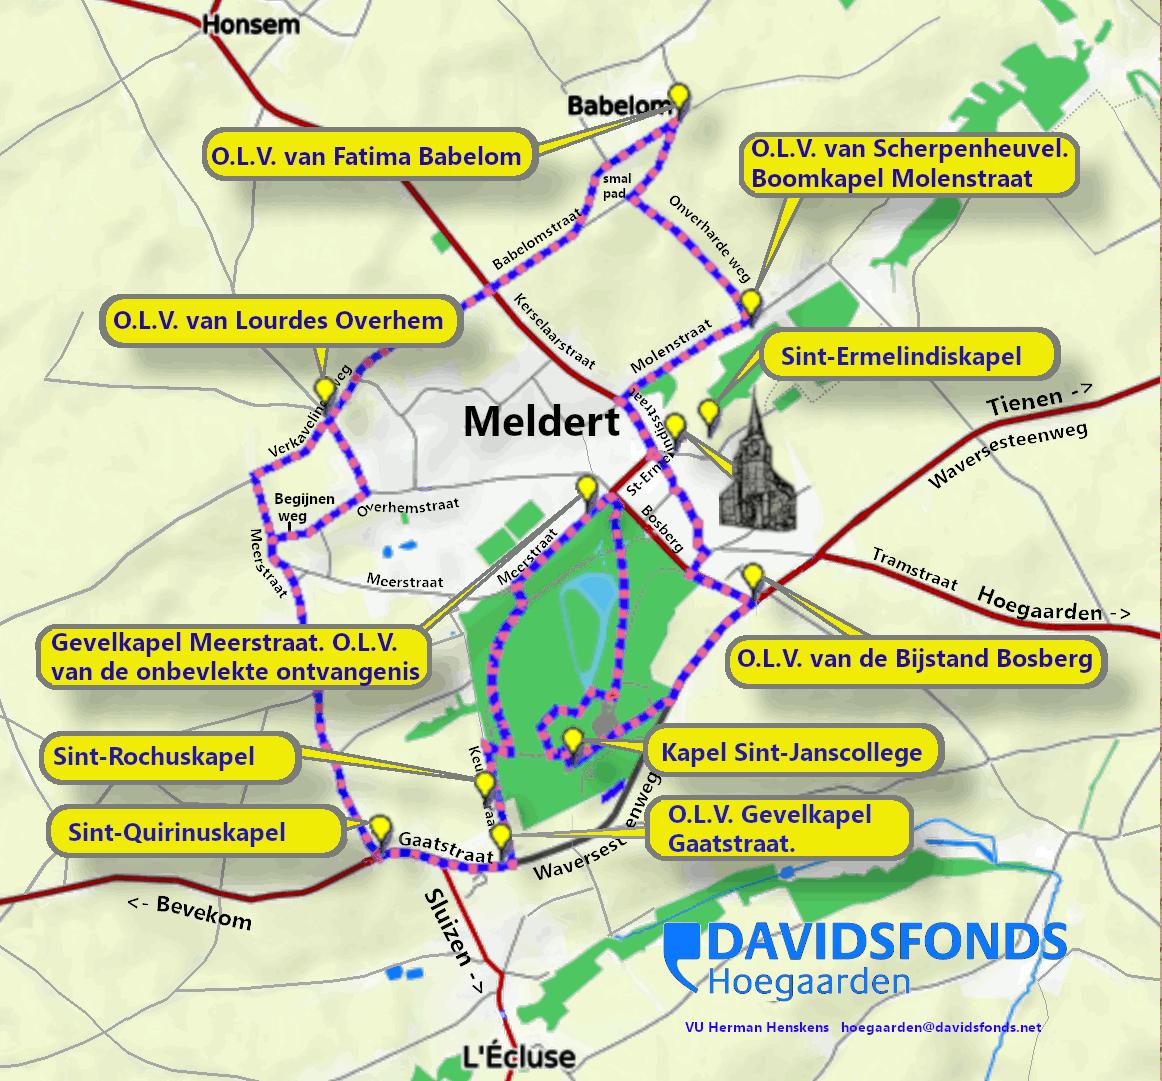 Kaart met de kapellen in Meldert (deelgemeente van Hoegaarden)